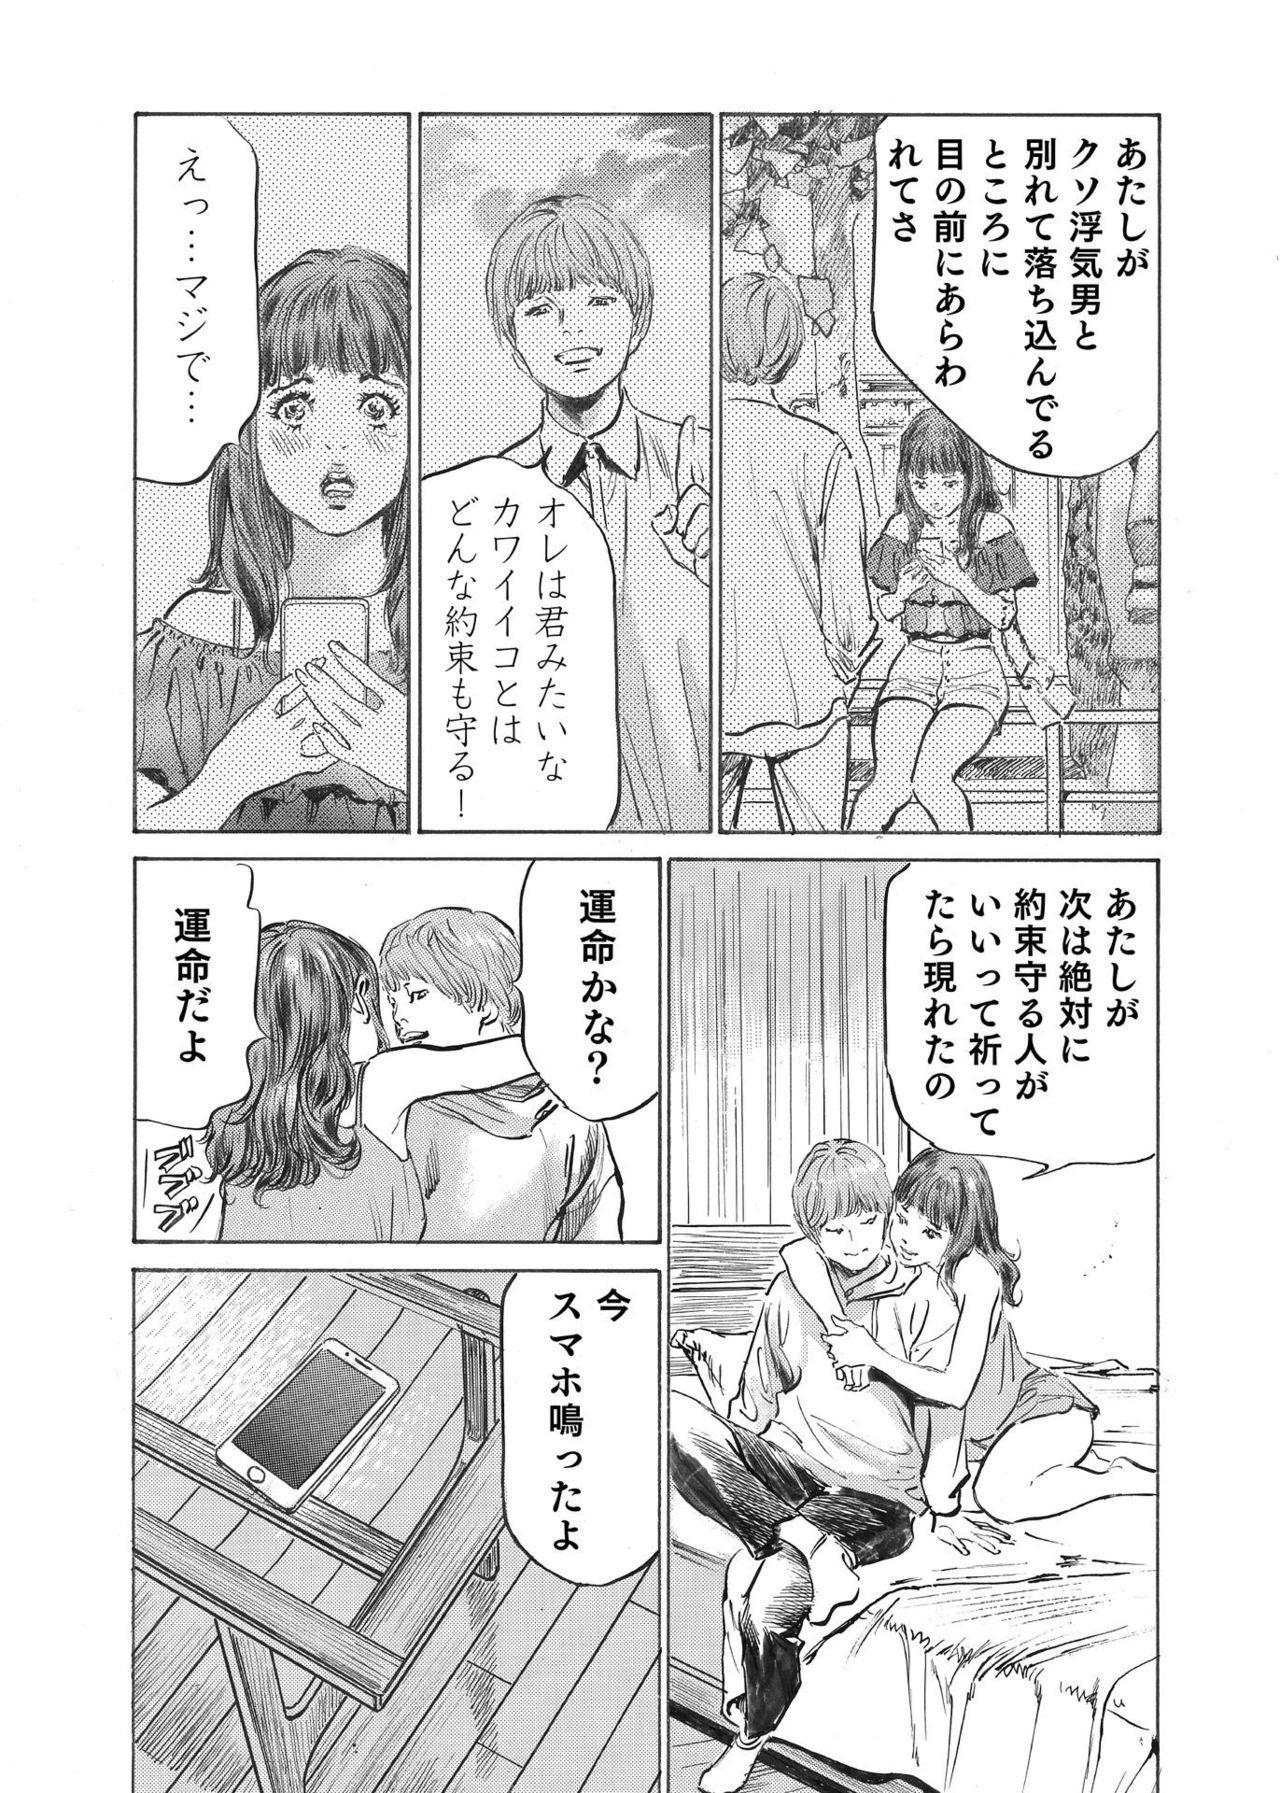 Ore wa Tsuma no Koto o Yoku Shiranai 1-9 143